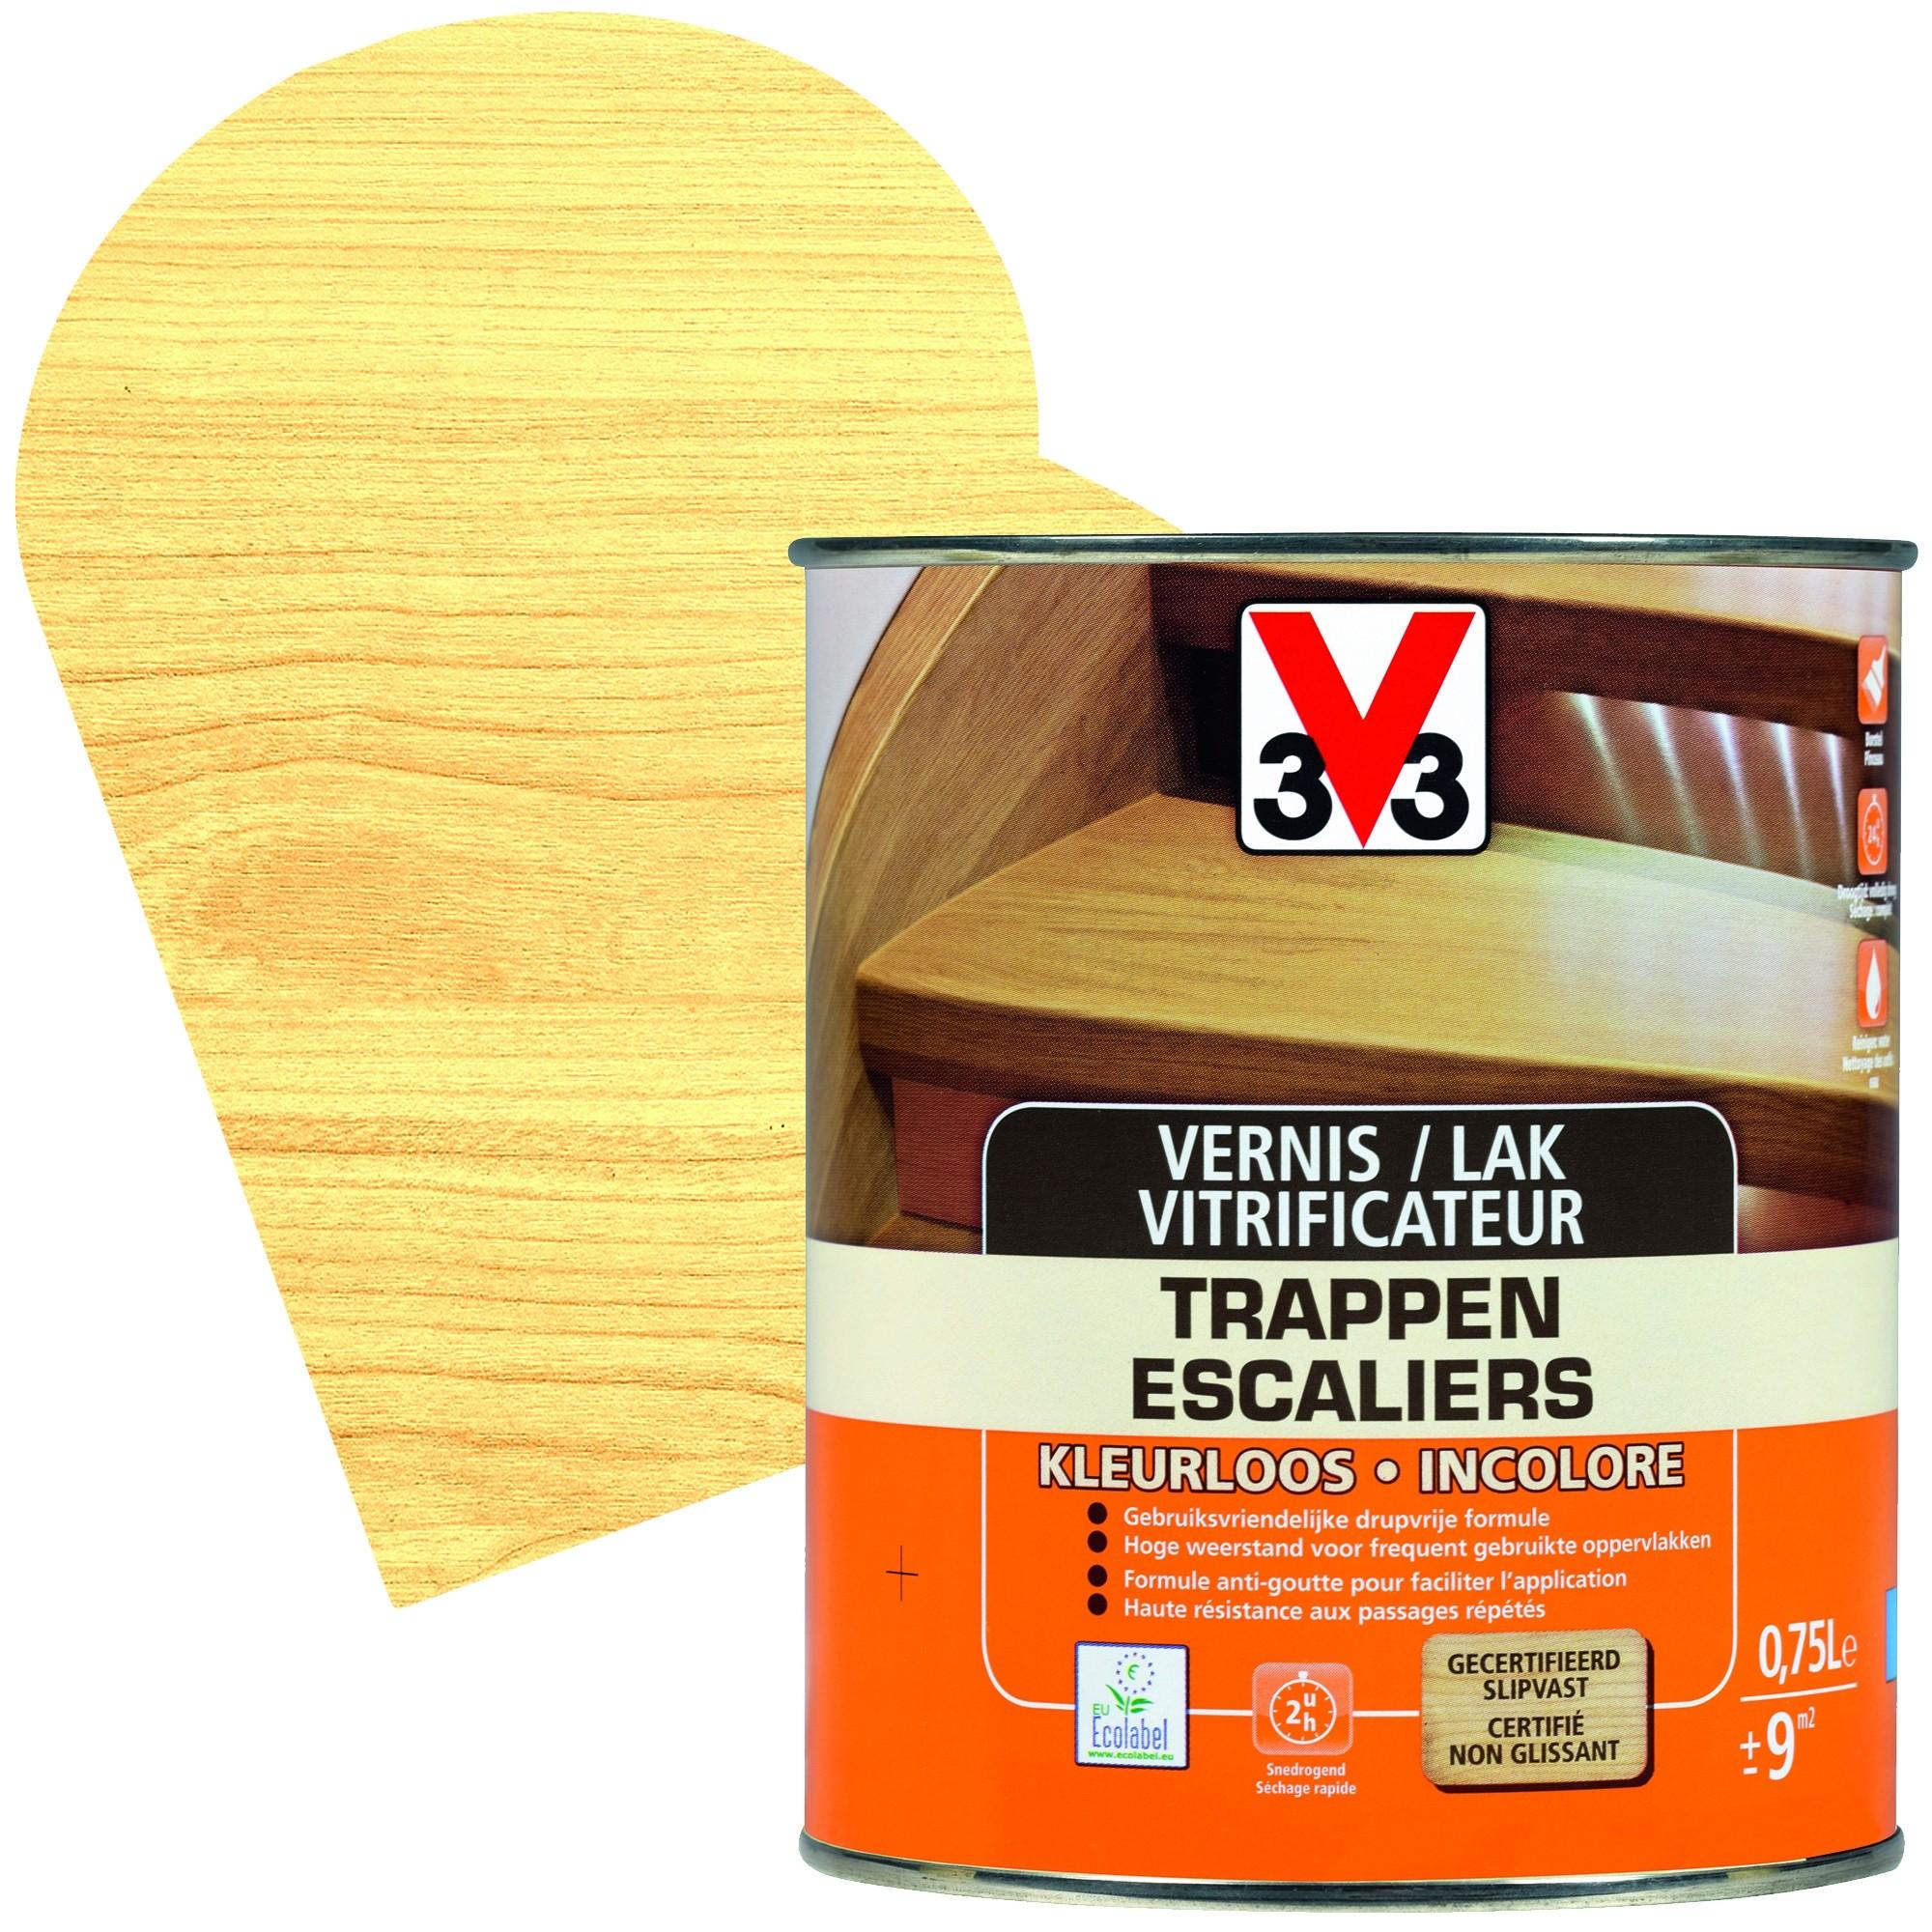 Vernis Ou Vitrificateur Sur Un Meuble Peint vitrificateur escaliers incolore - mr.bricolage